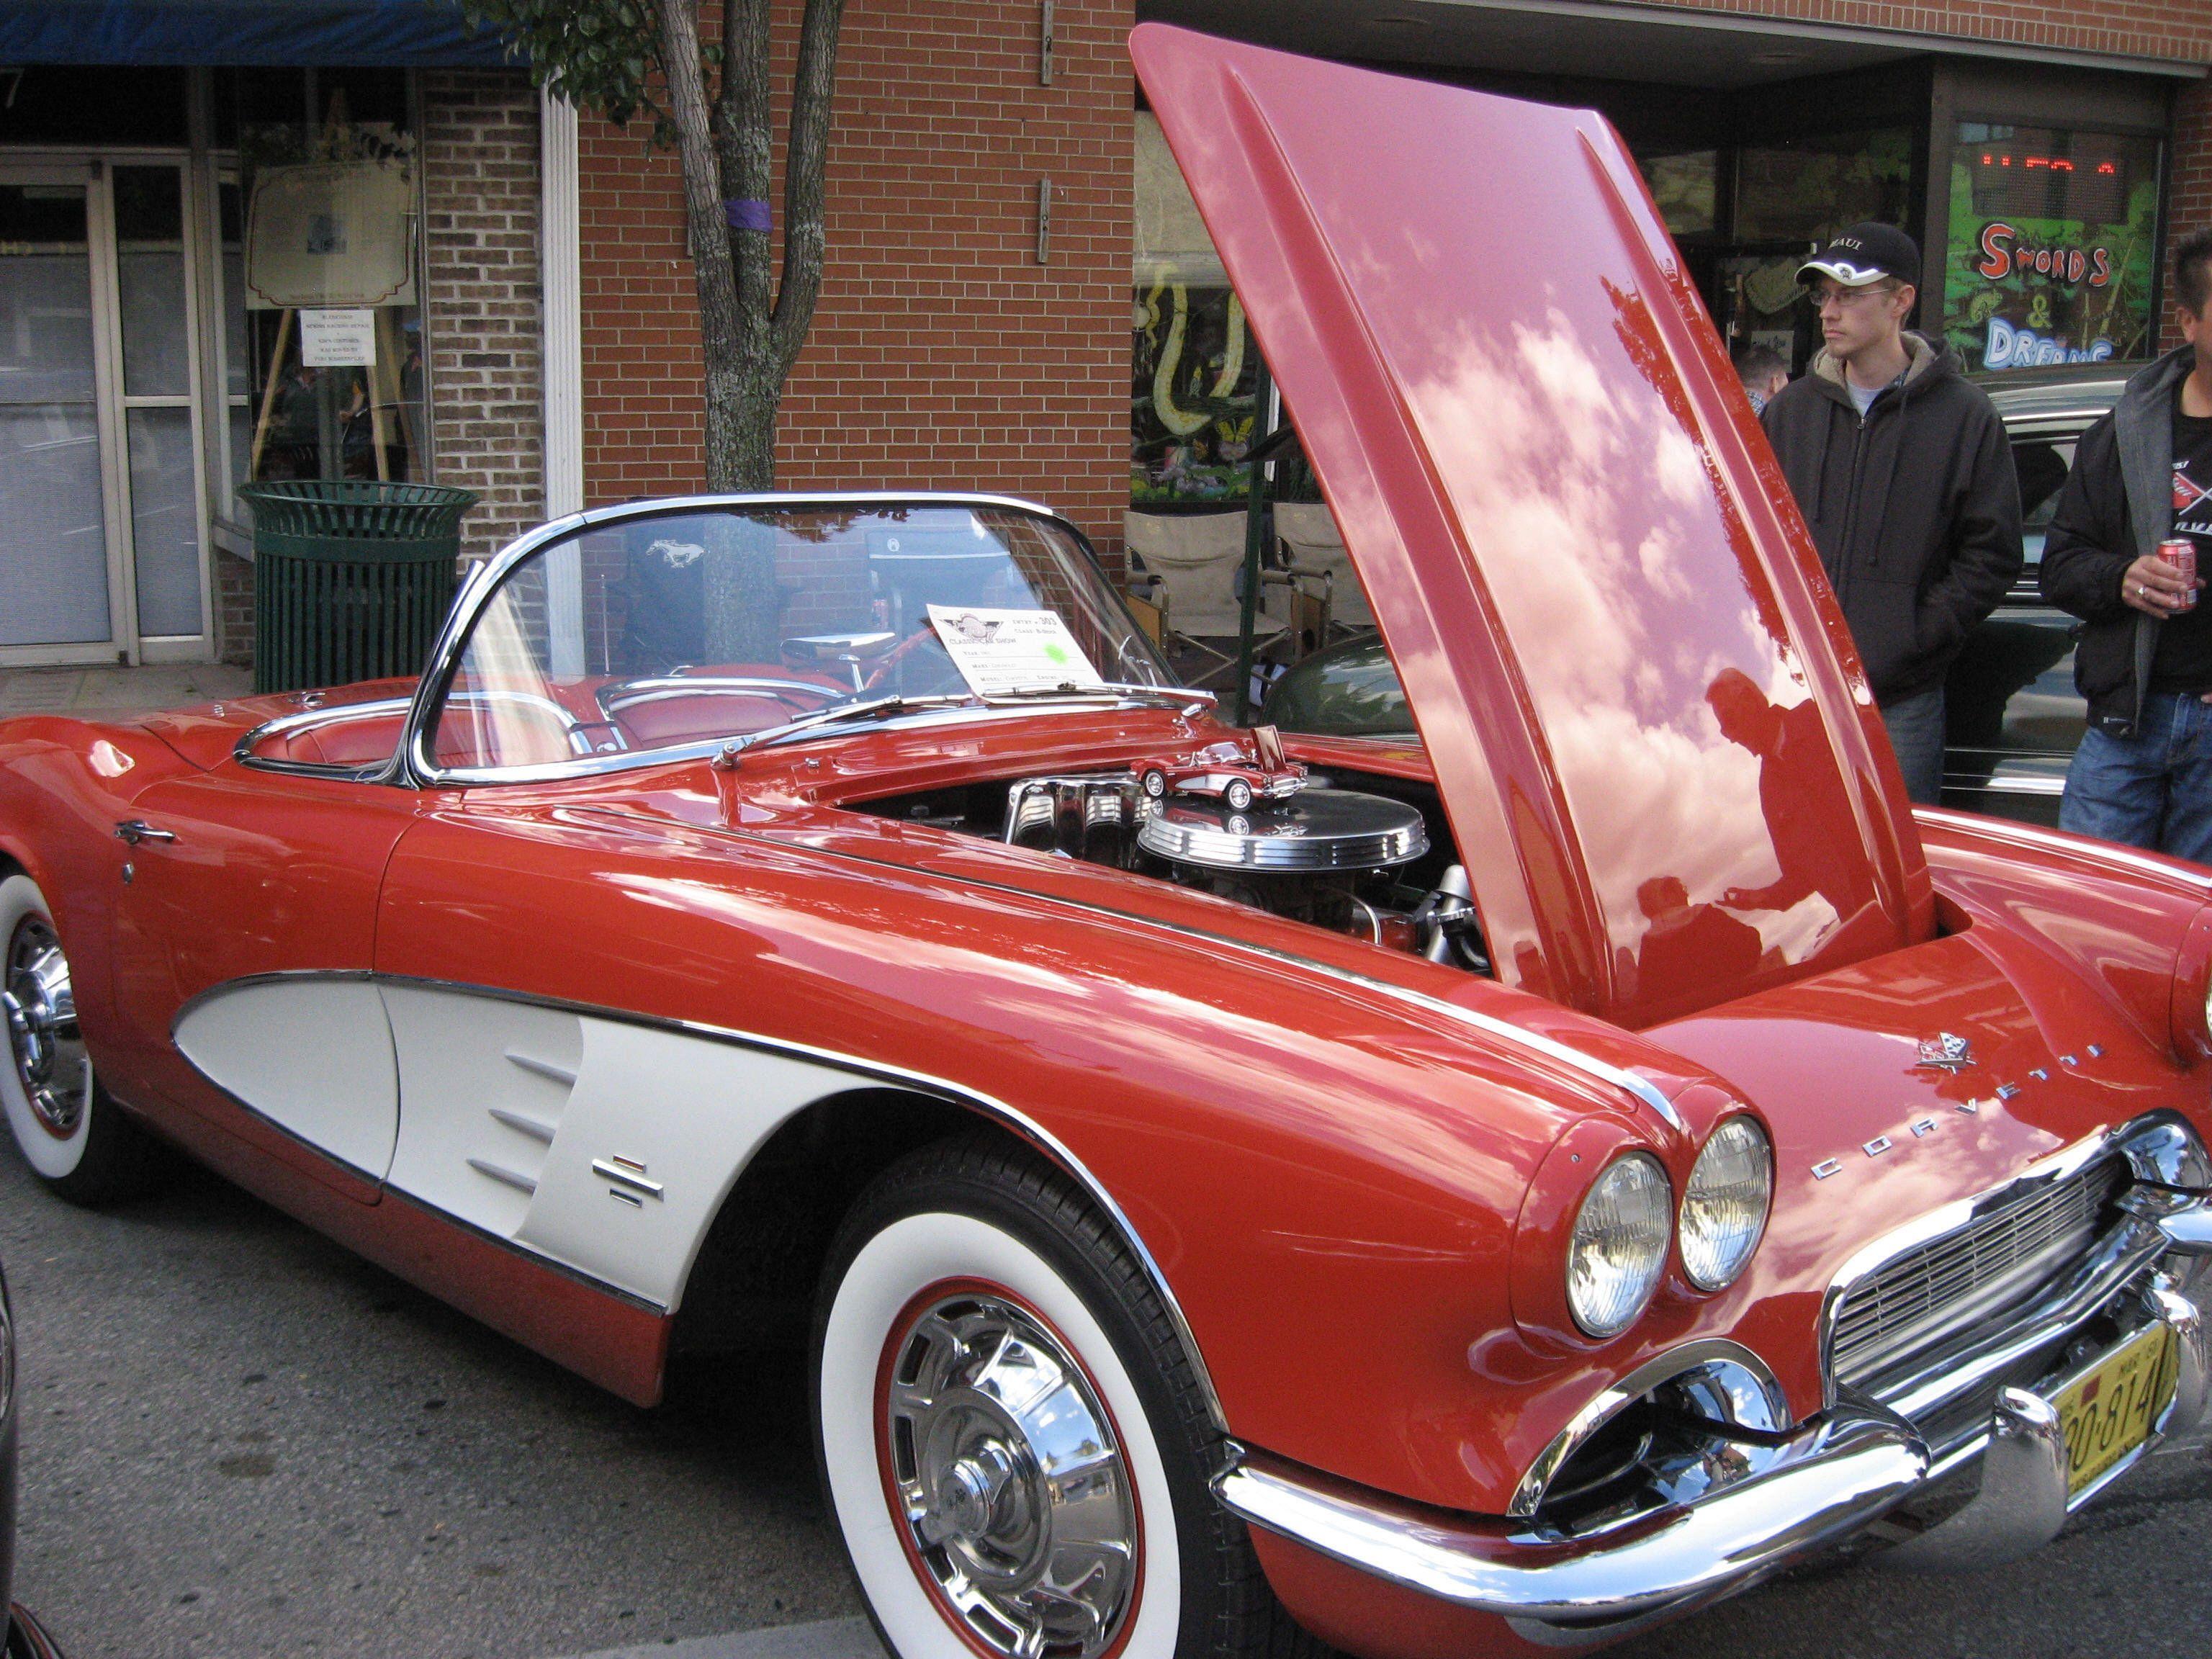 2013 West Allis Classic Car Show | Classic Cars | Pinterest | West ...